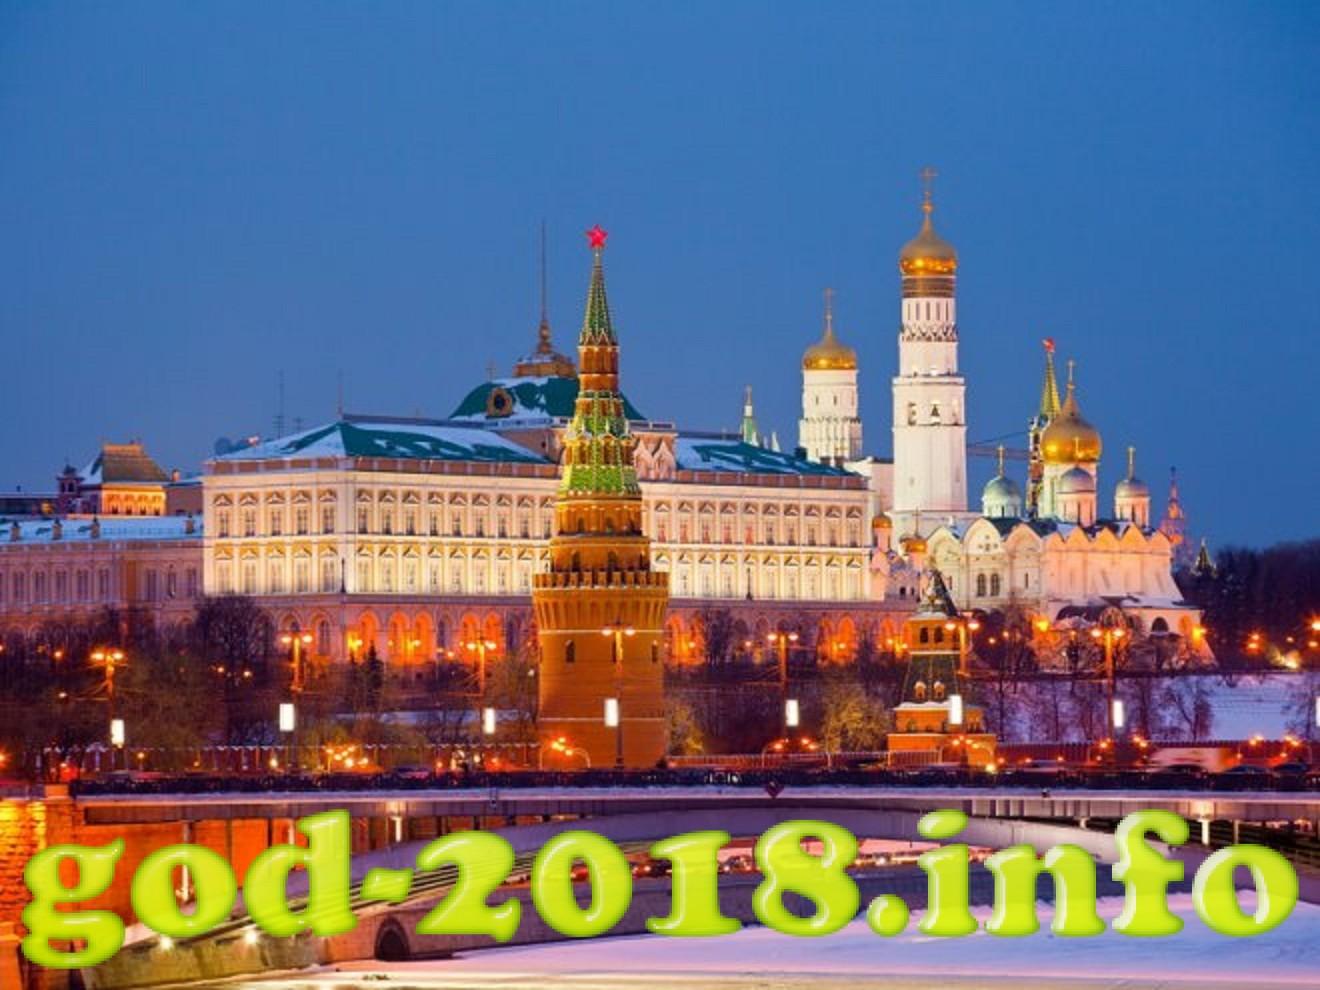 kto-budet-prezidentom-rossijskoj-federacii-v-2018-godu